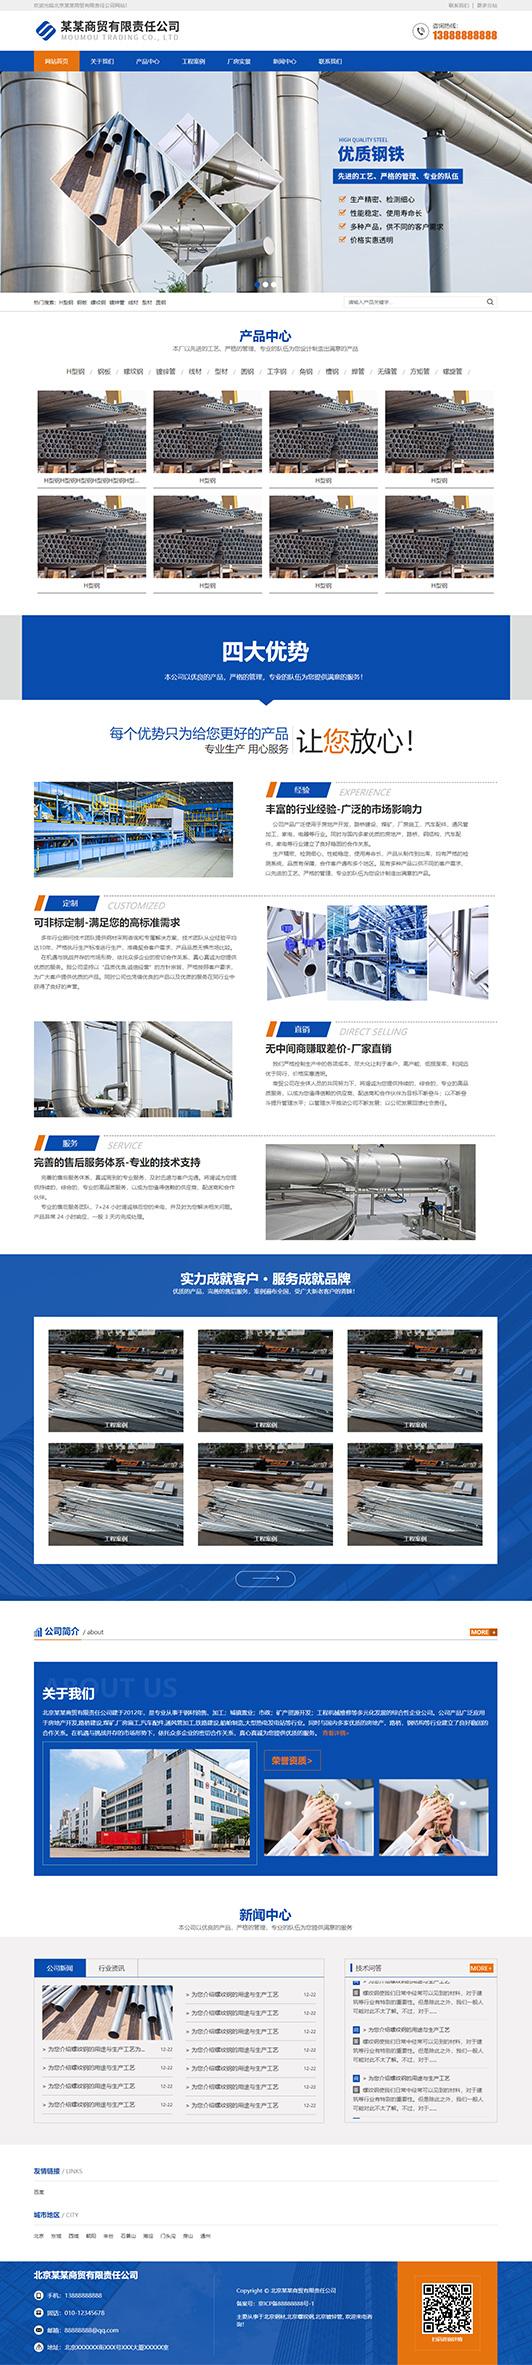 钢材商贸有限公司通用响应式模板